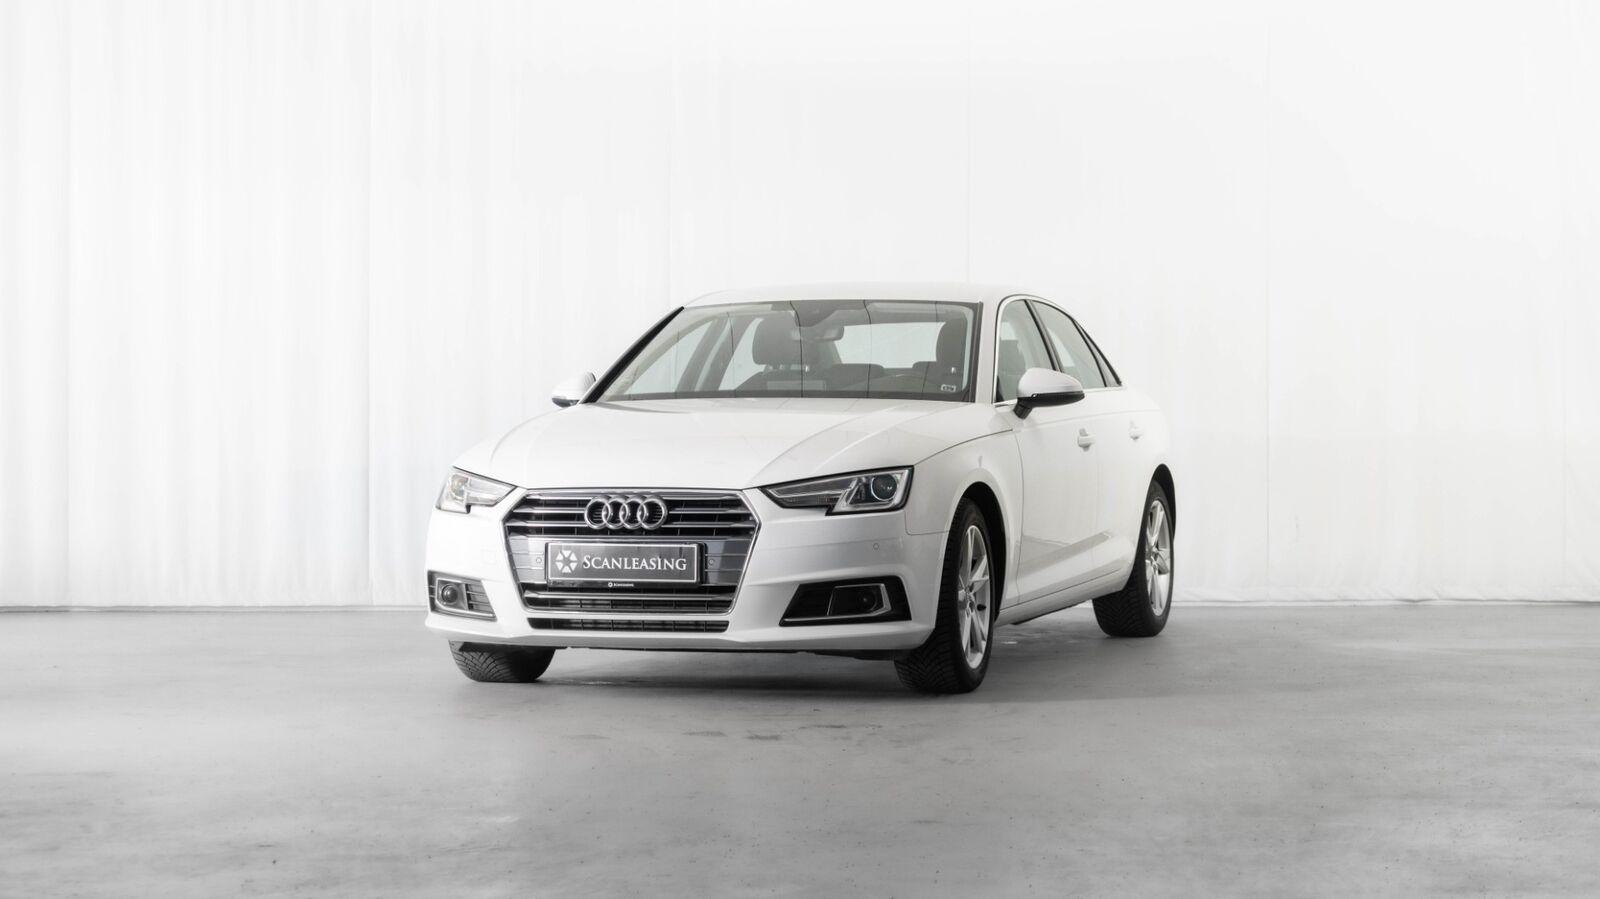 Audi A4 3,0 TDi 218 S-tr. 4d - 2.396 kr.